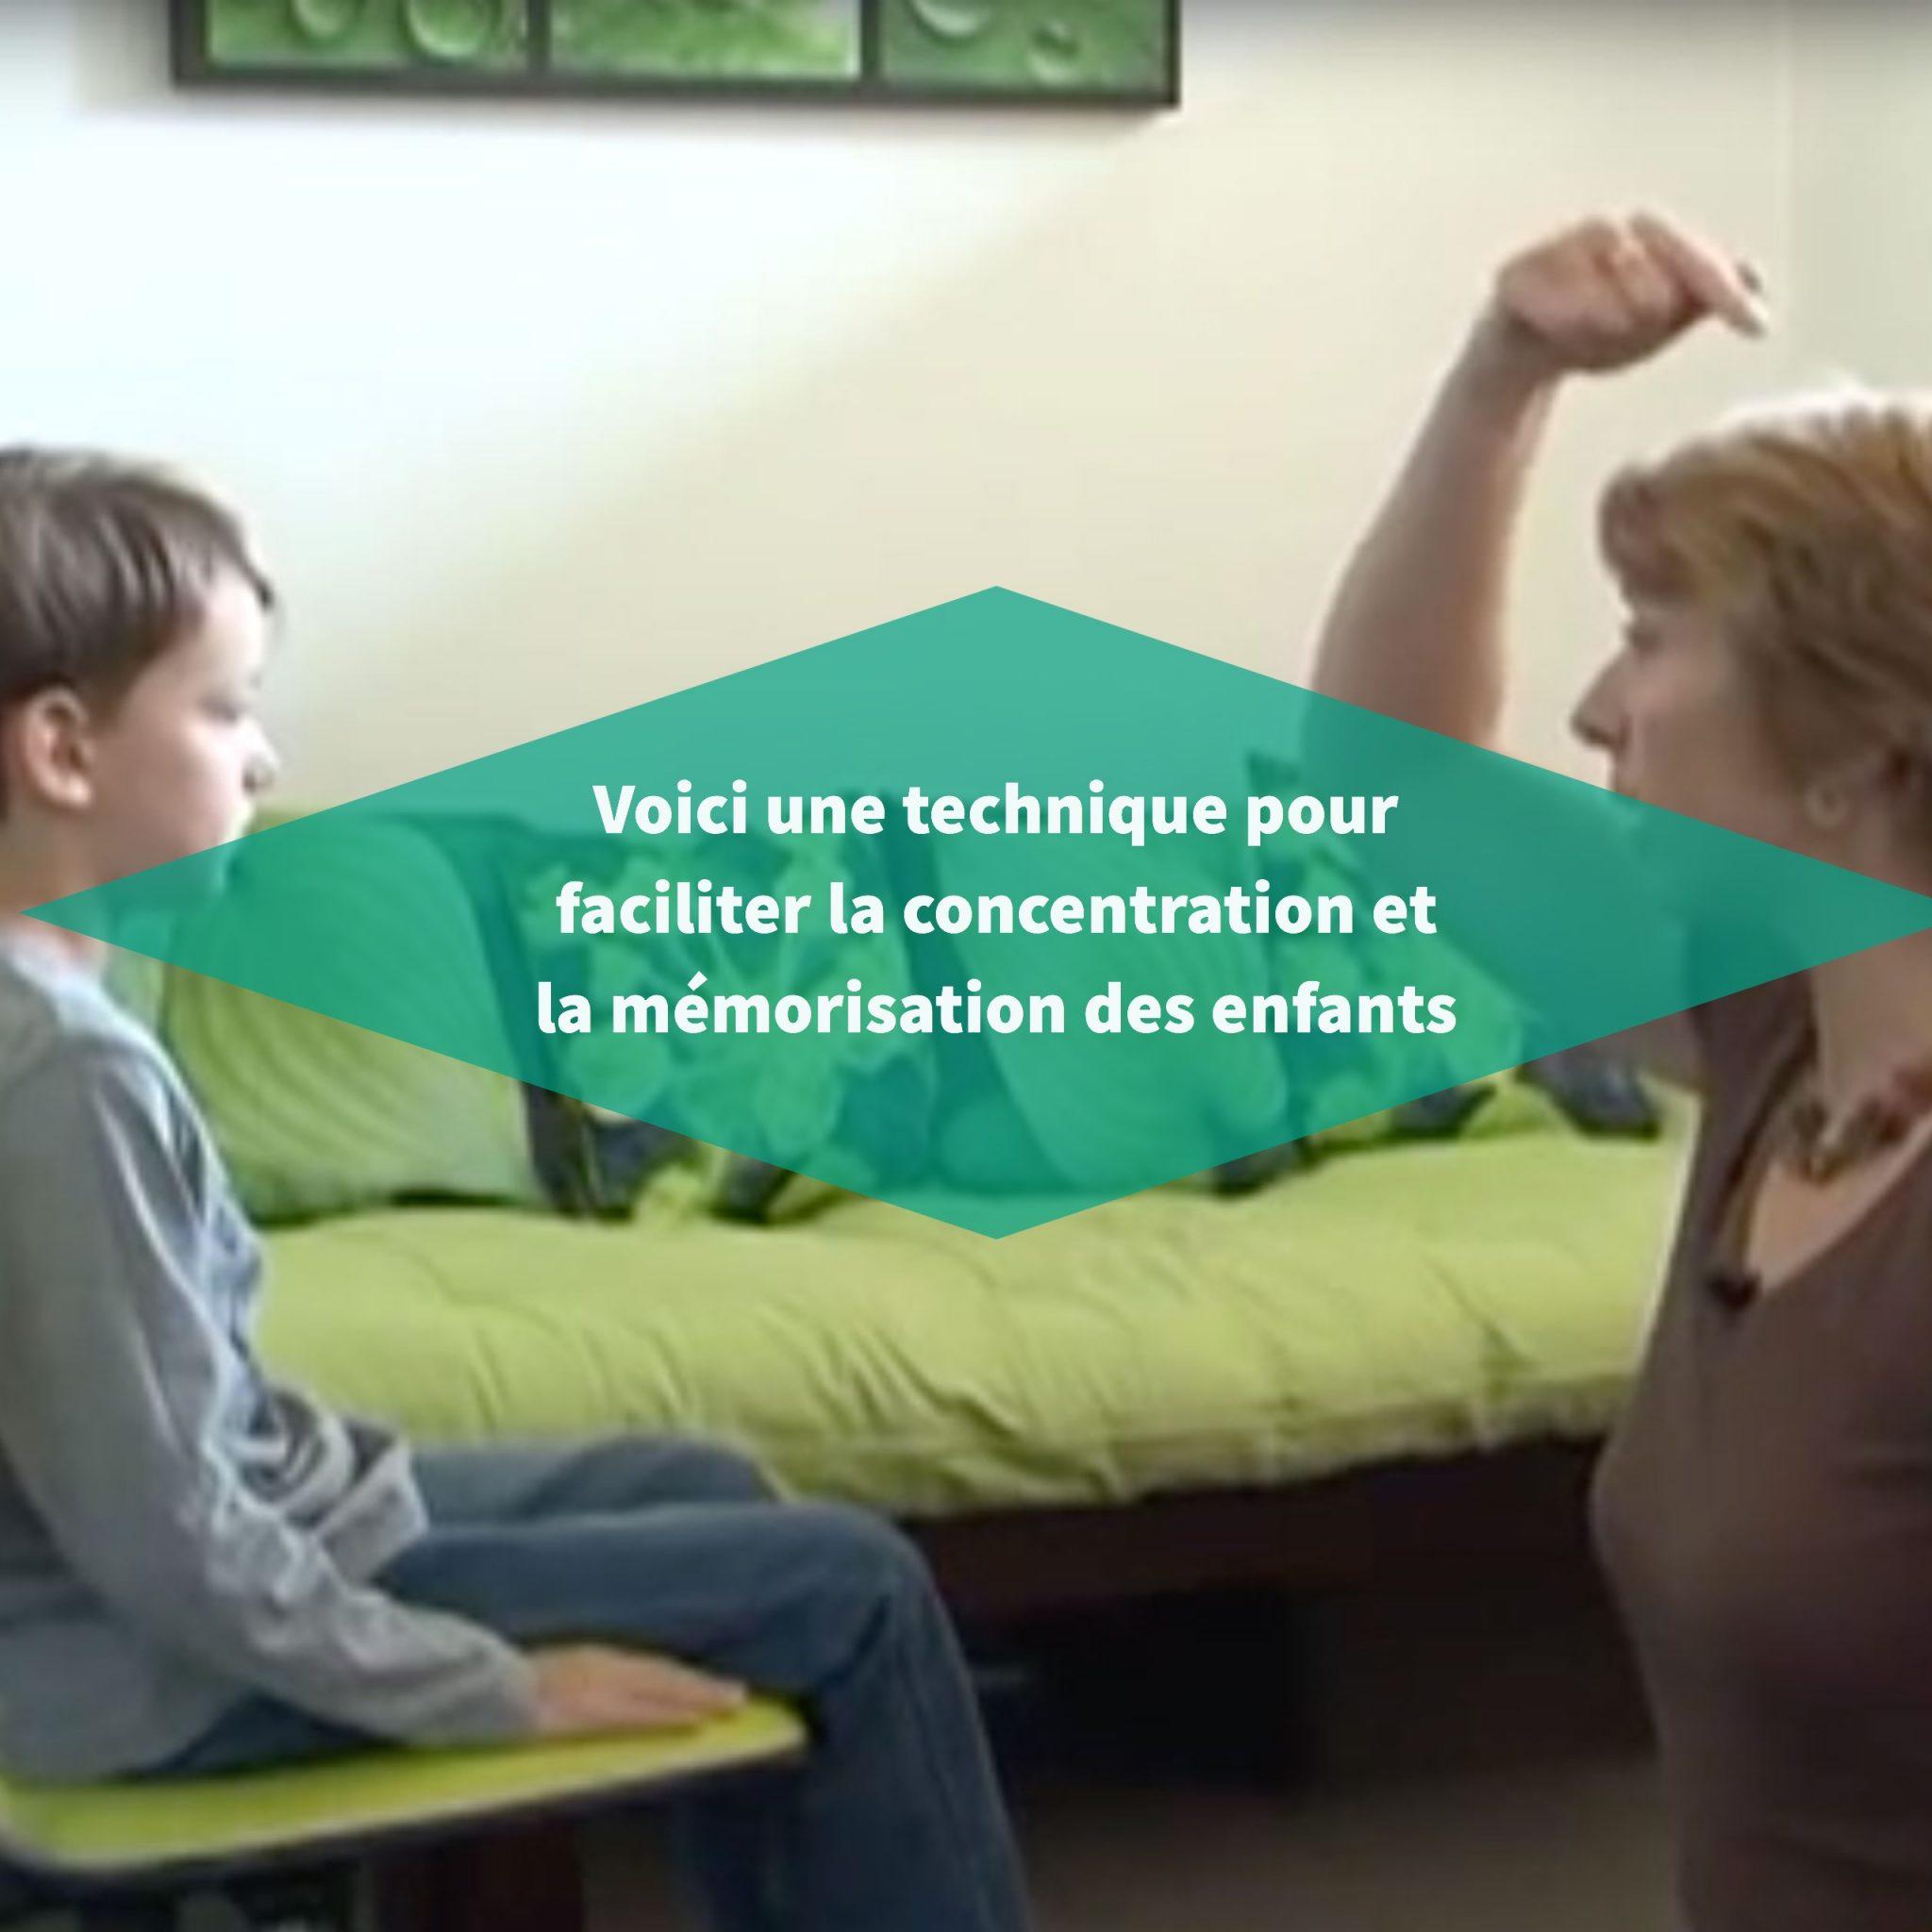 Voici une technique pour faciliter la concentration et la mémorisation des enfants